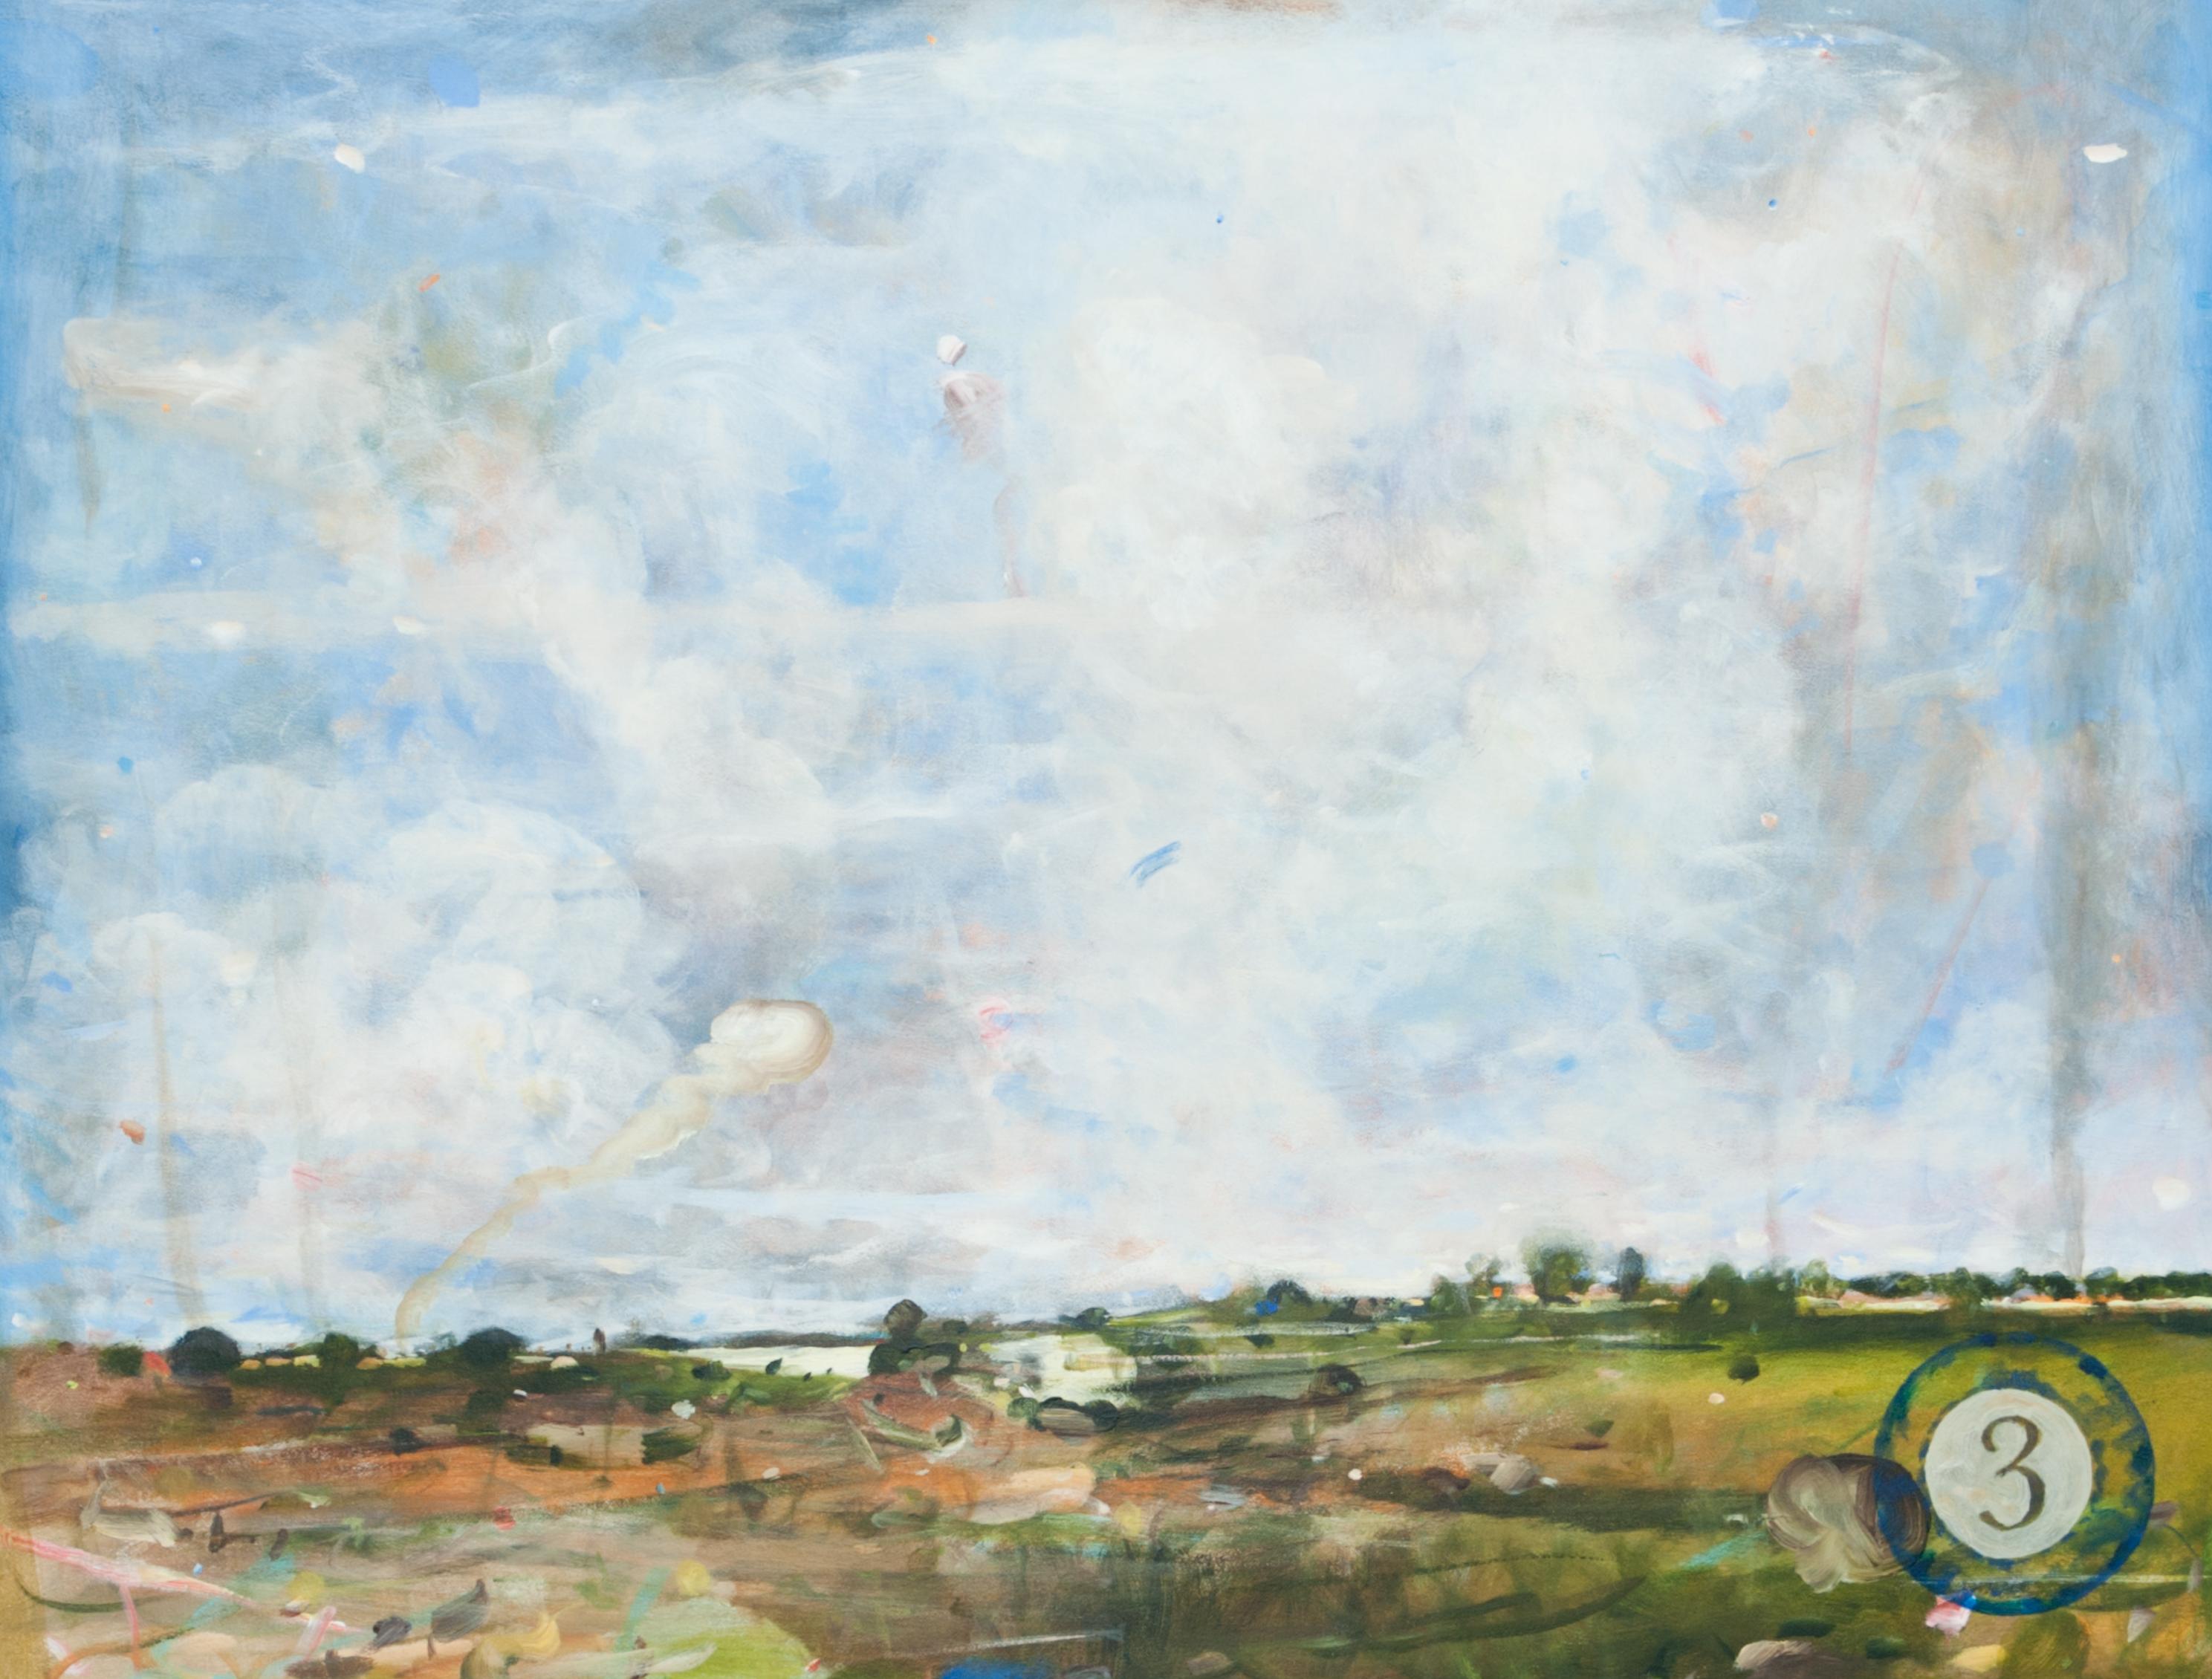 Thomas Edetun - Landskap 3 - Klicka för att byta till perspektivbild.